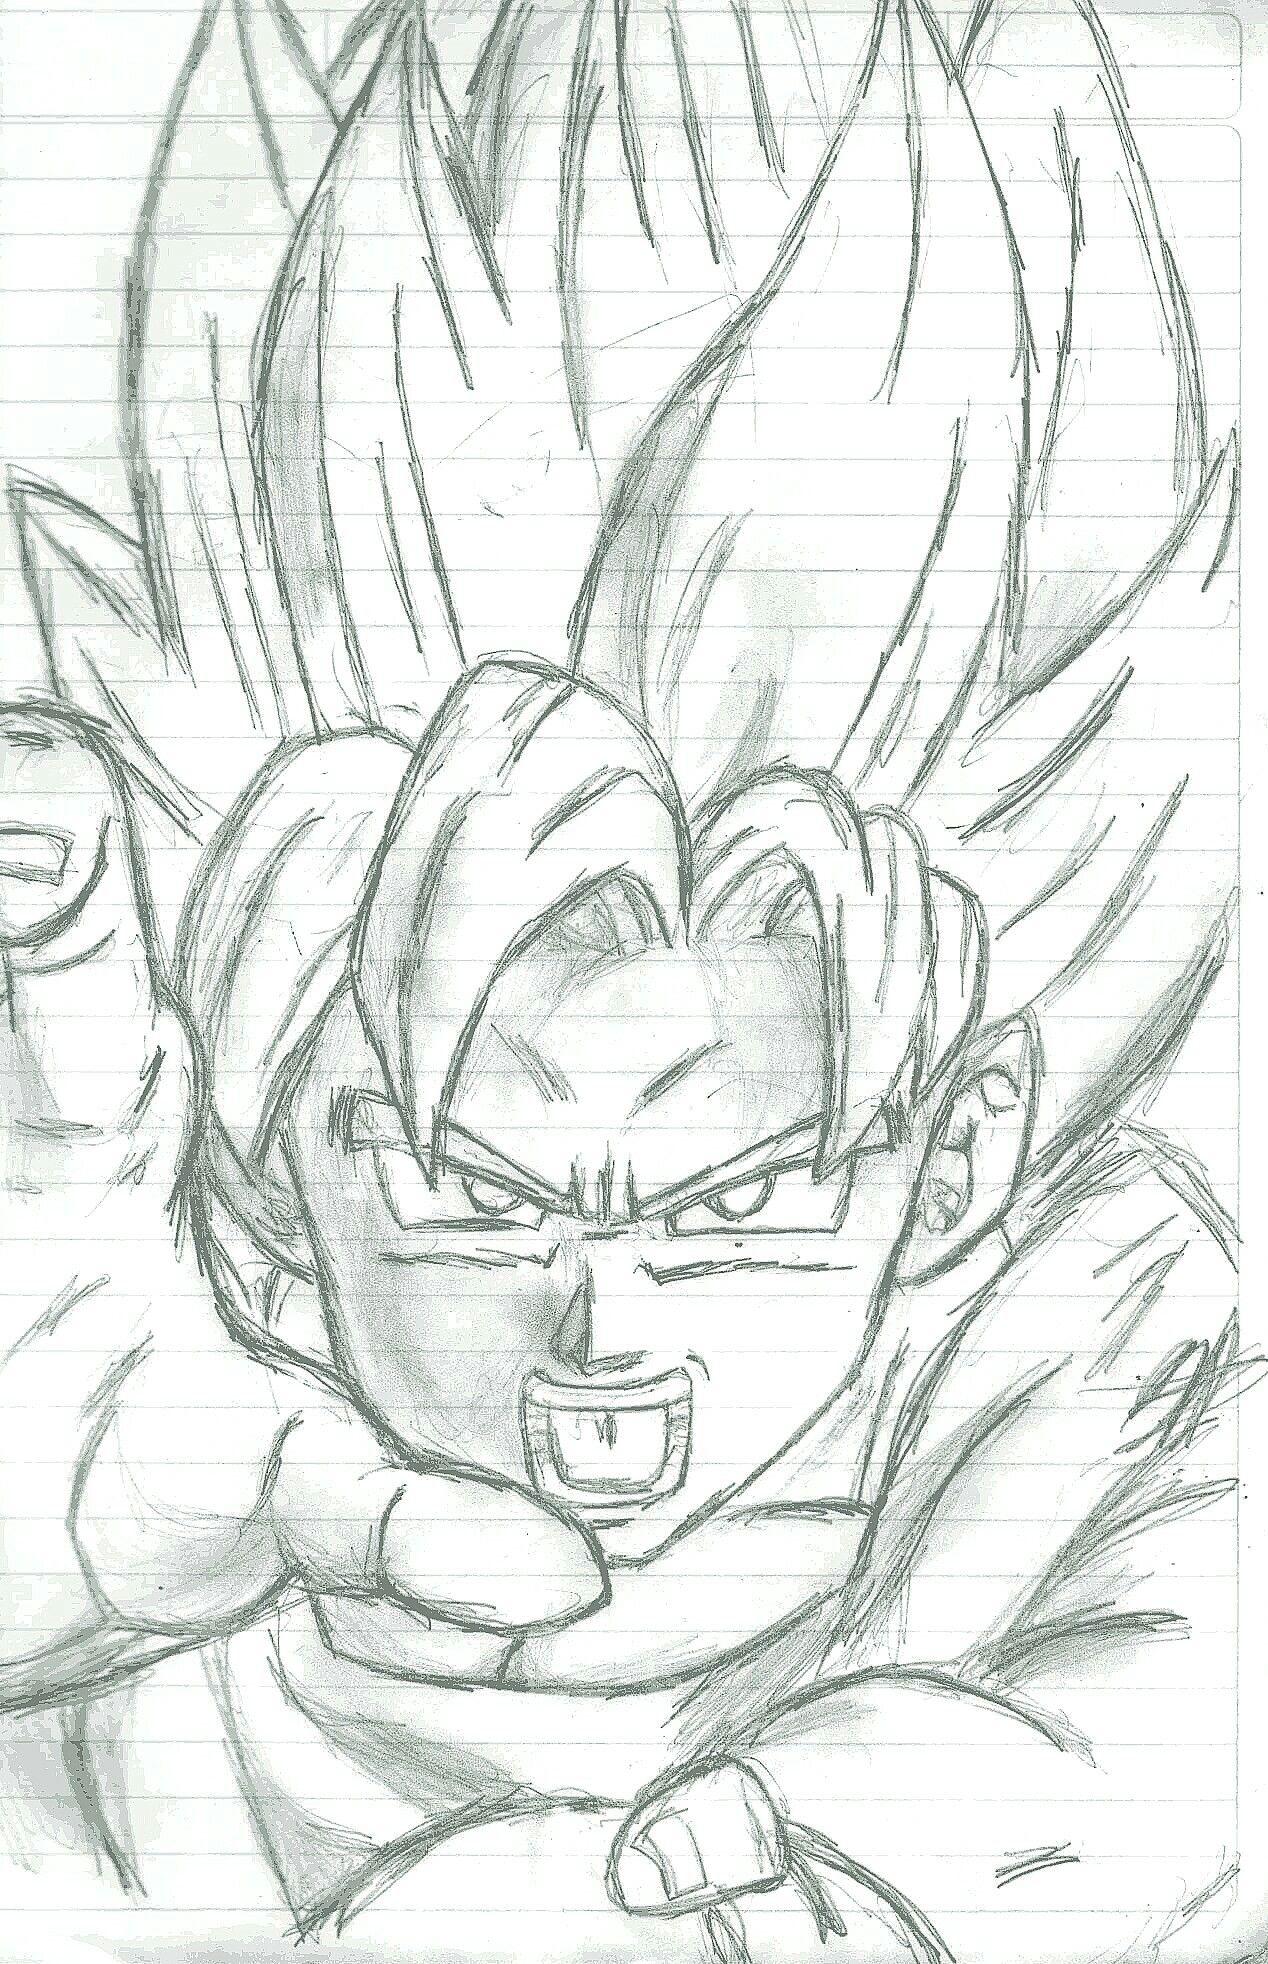 Goku Dibujo Dibujos Locos Dibujos Locos Dibujos Y Locos